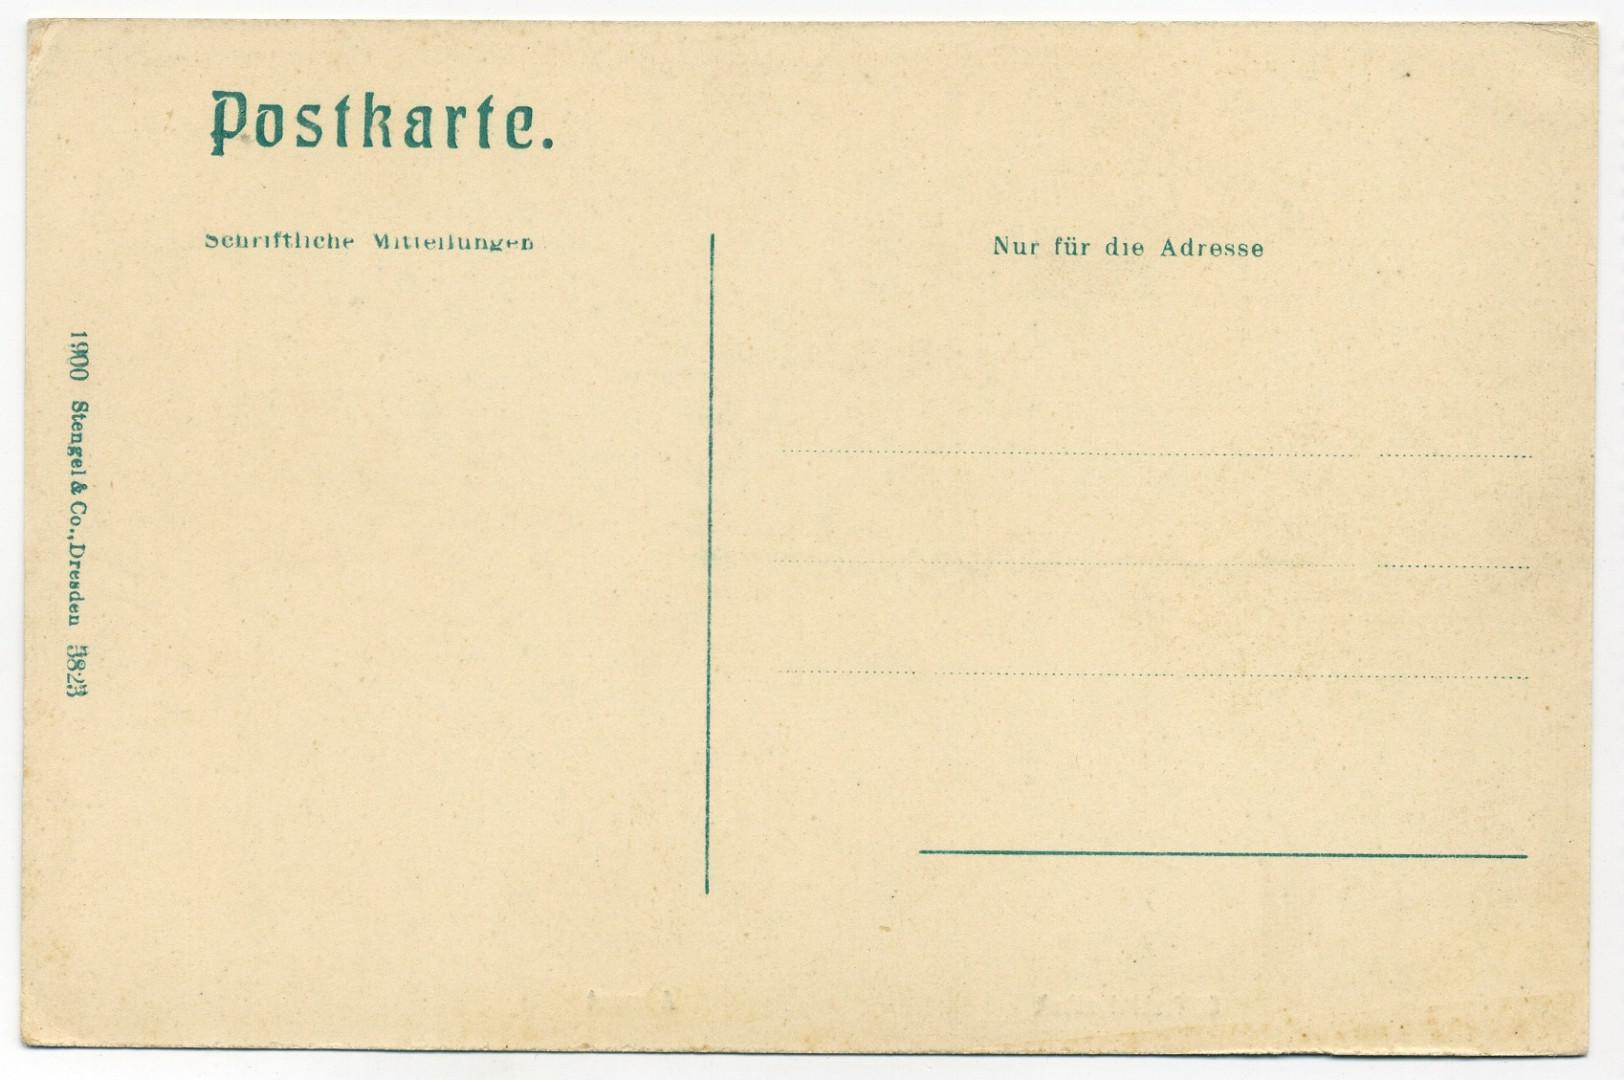 admont_stiftsbibliothek_r